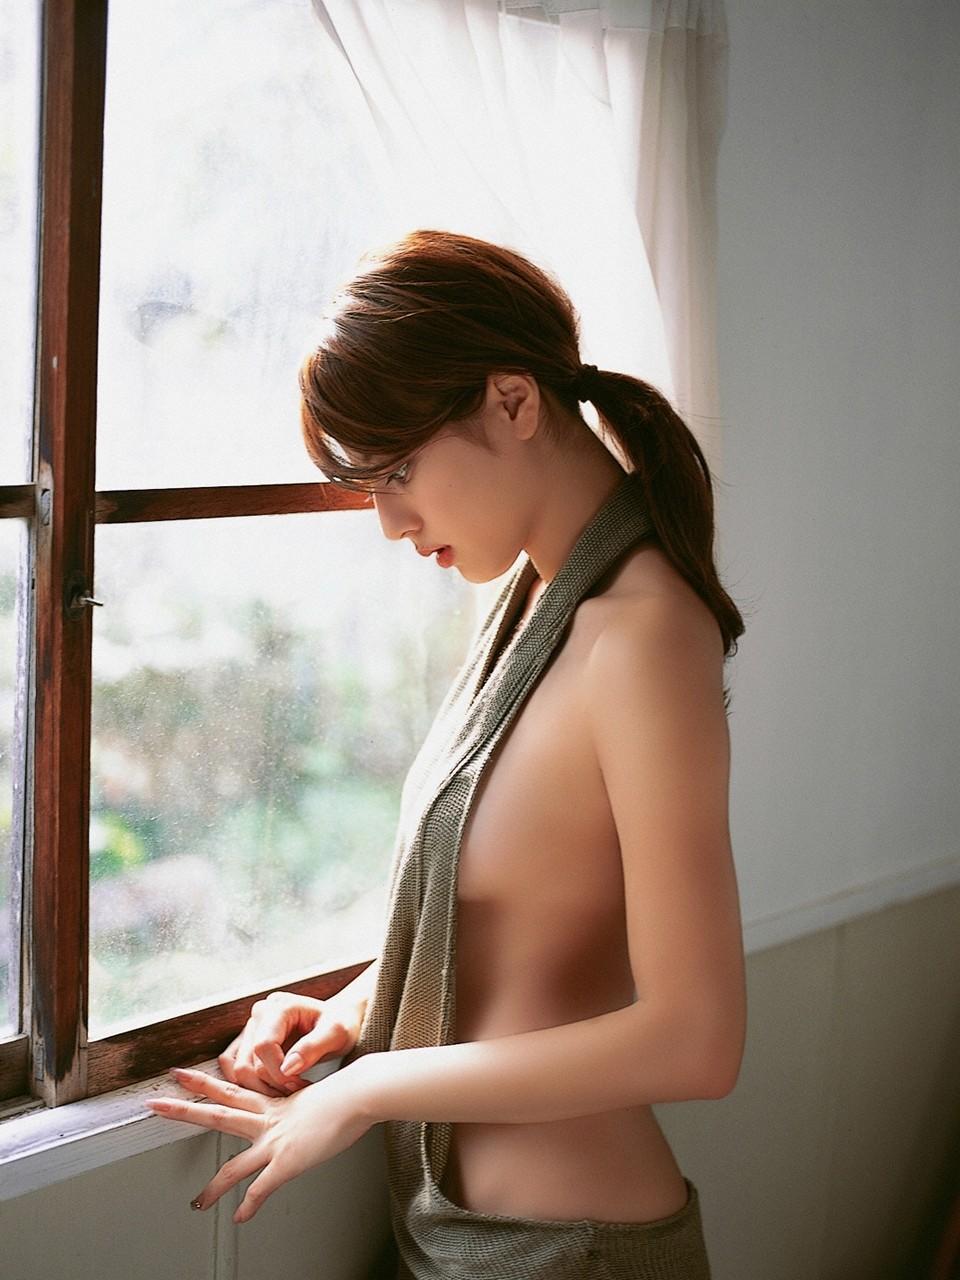 美女 横乳 おっぱい ノーブラ 乳房 ポロリ エロ画像【3】